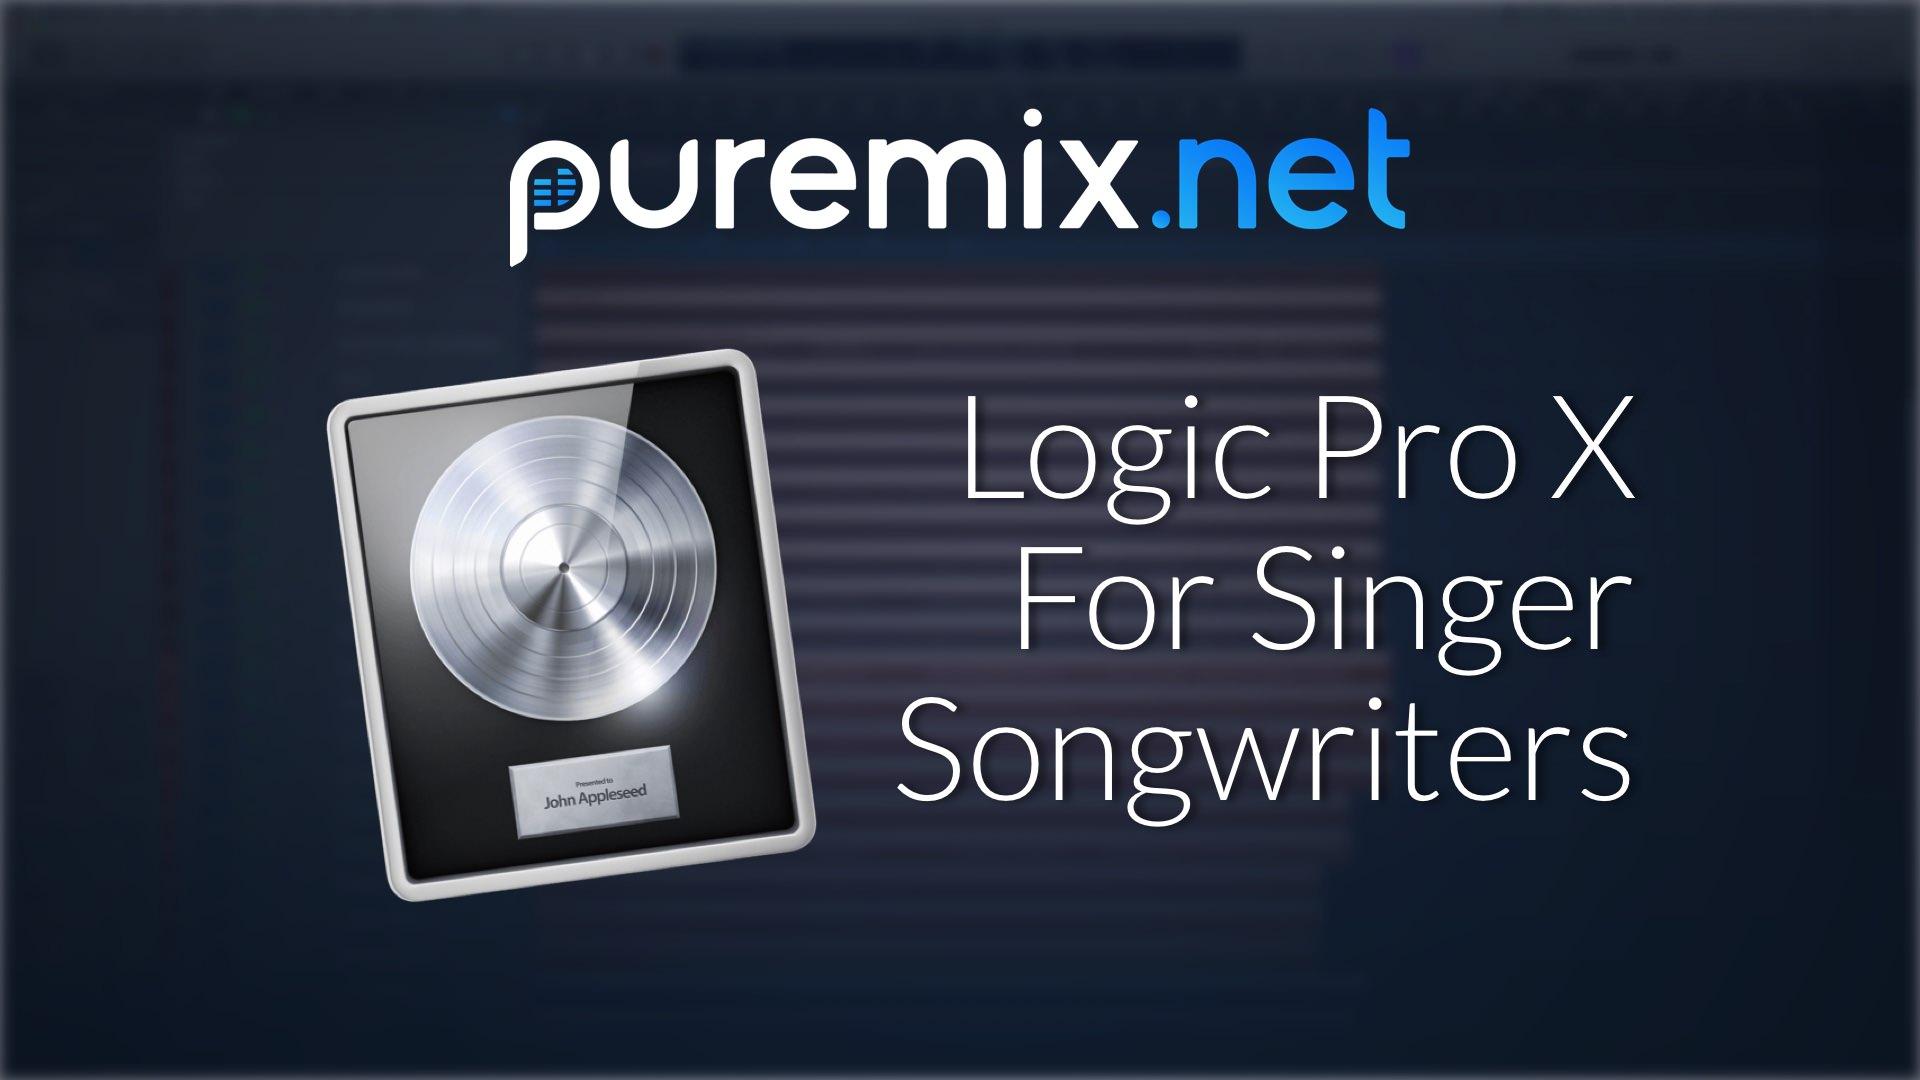 Logic-Pro-X-For-Singer-Songwriters.jpg